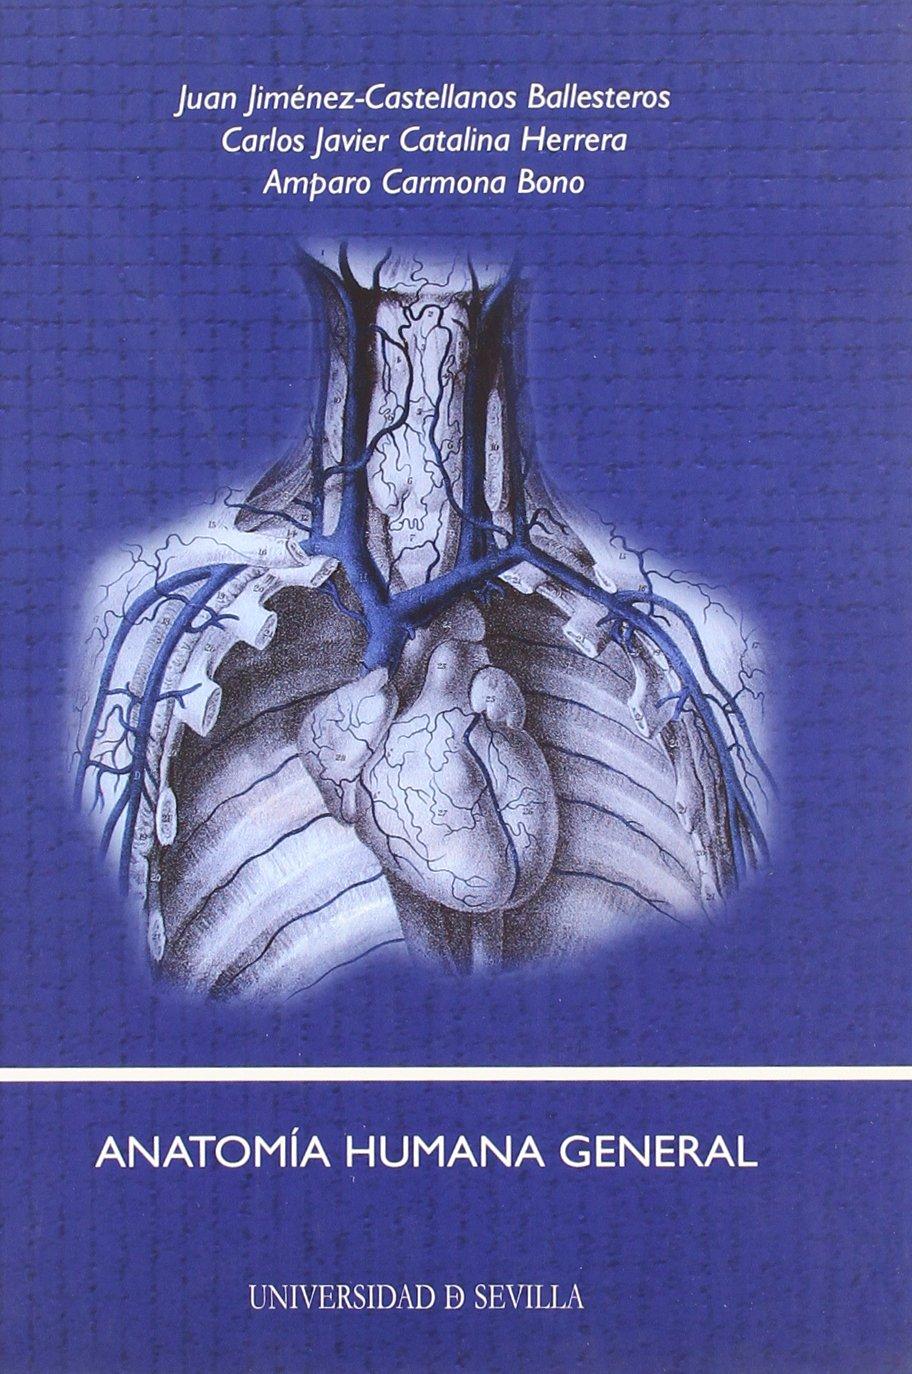 Asombroso Descarga Gratuita De Libros Electrónicos Anatomía Humana ...